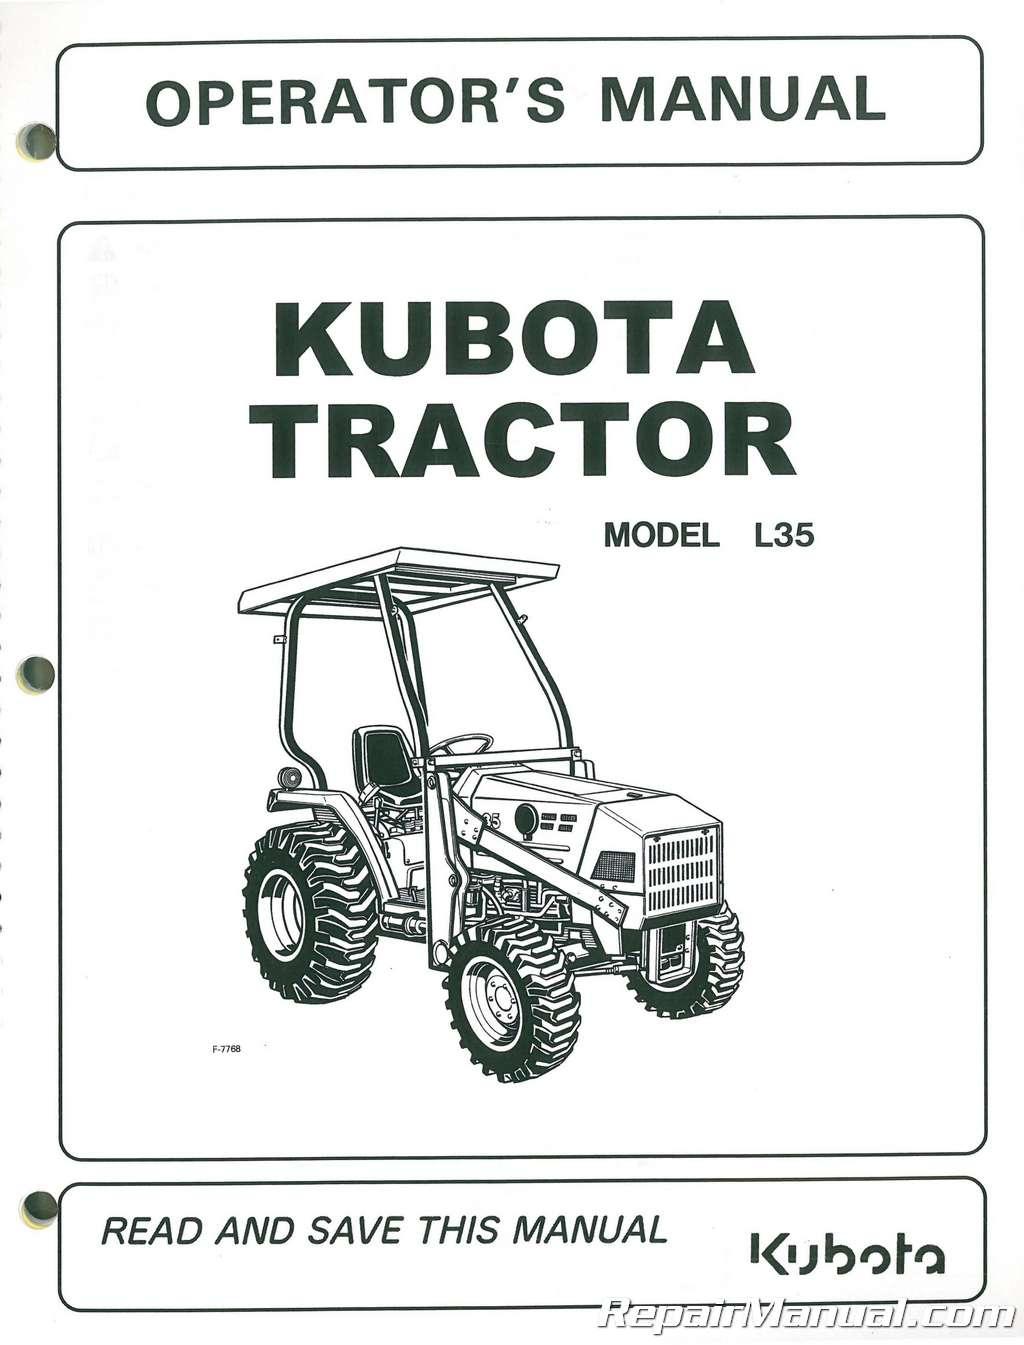 Kubota L35 Operators Manual_001 kubota tractor manuals repair manuals online kubota l35 wiring diagram at cos-gaming.co